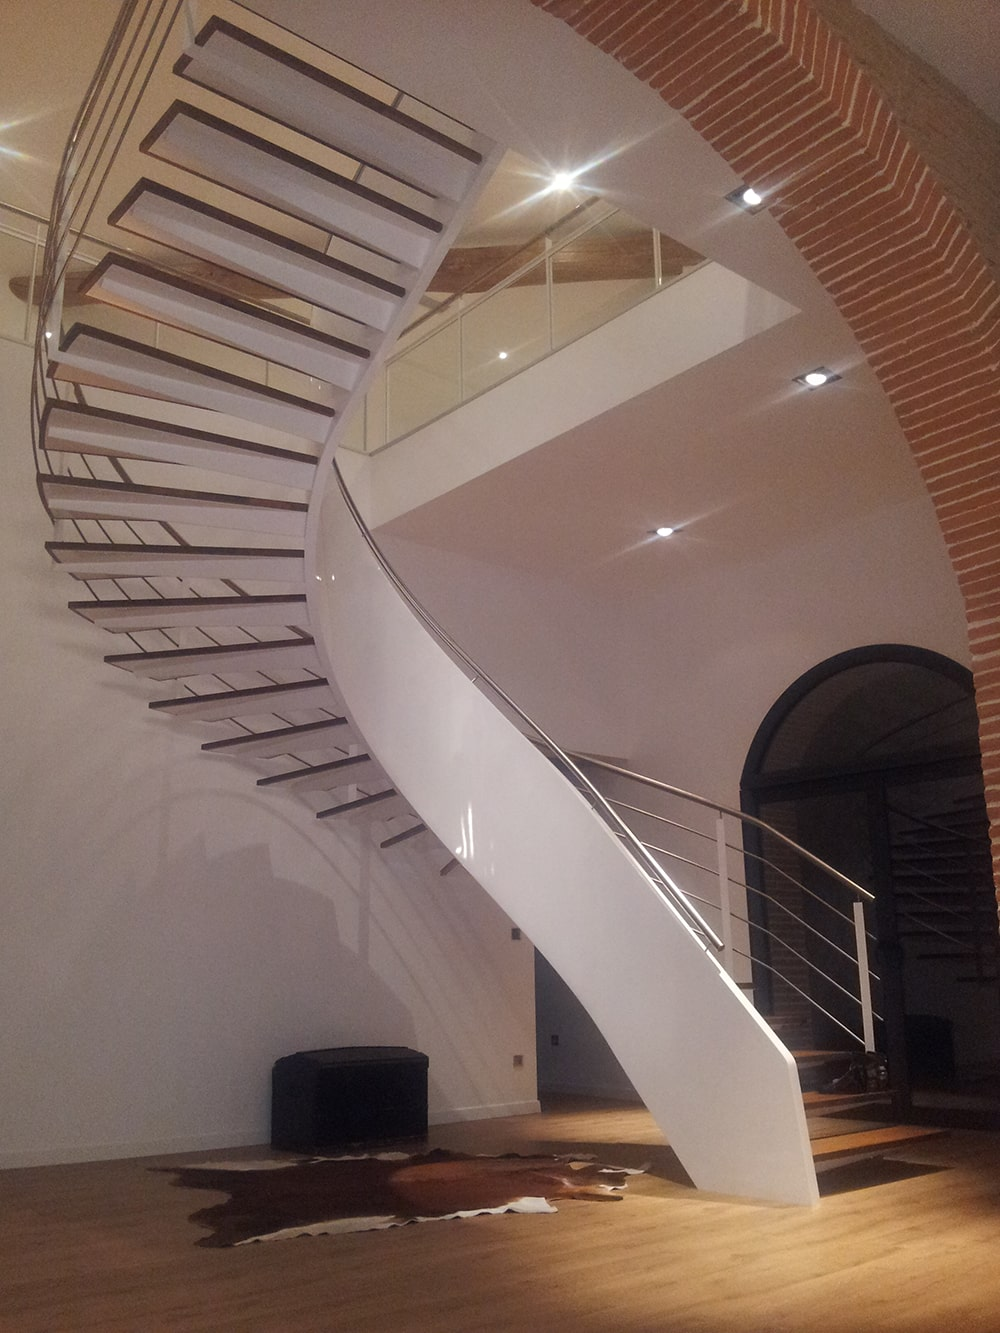 Escalier métal et bois à limon central